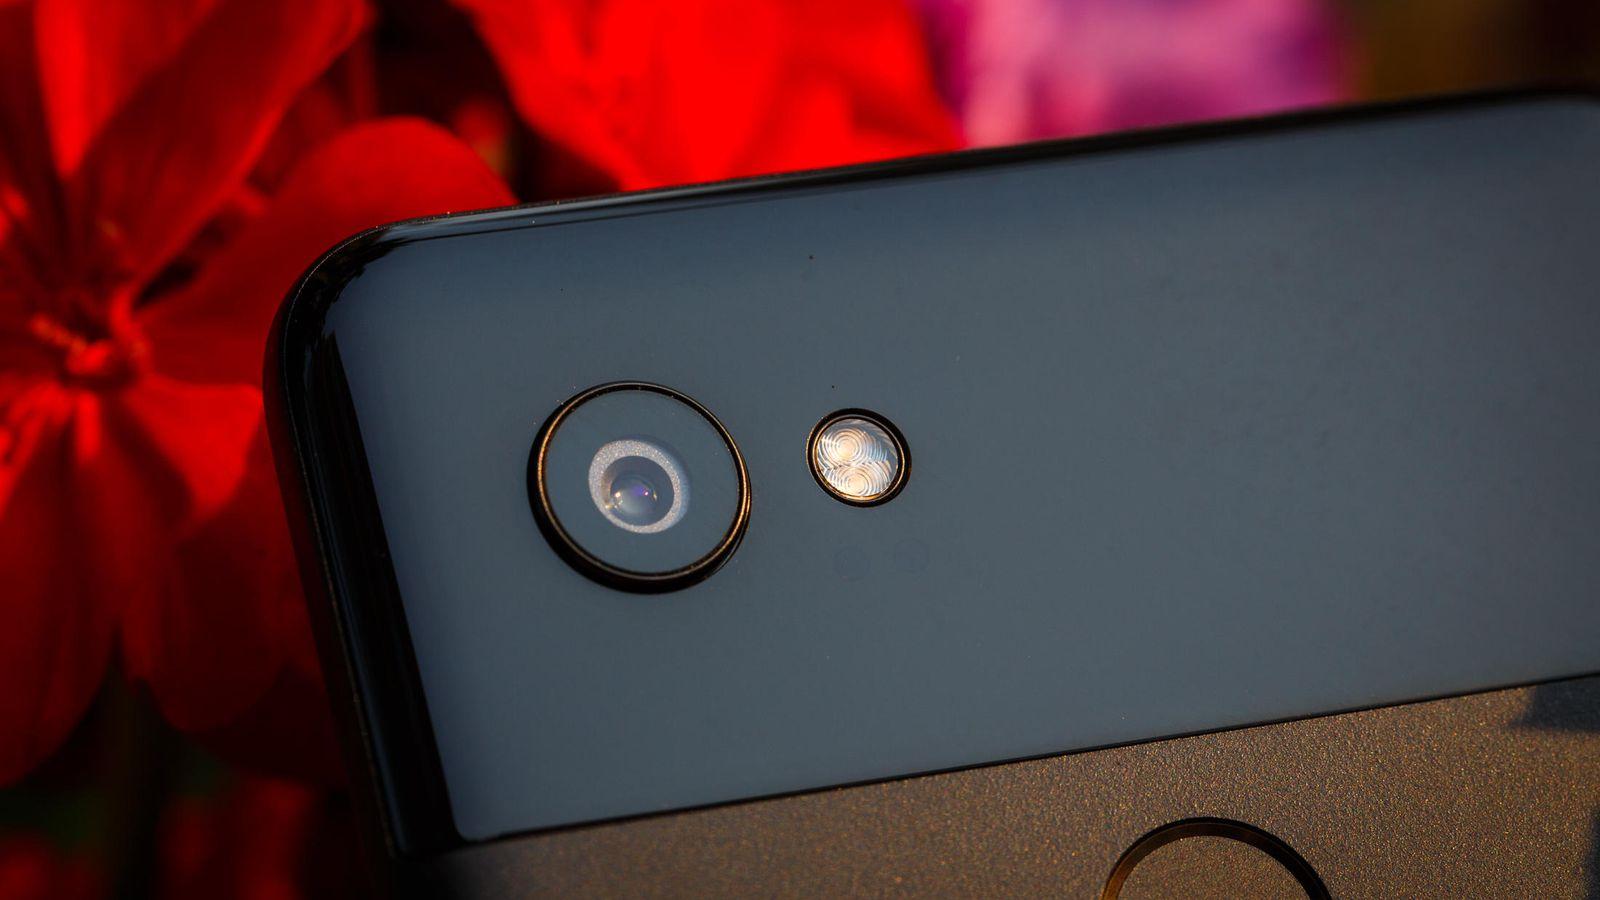 سعر ومواصفات هاتف جوجل Pixel 3 والنسخة الأكبر Pixel 3 XL (فيديو)